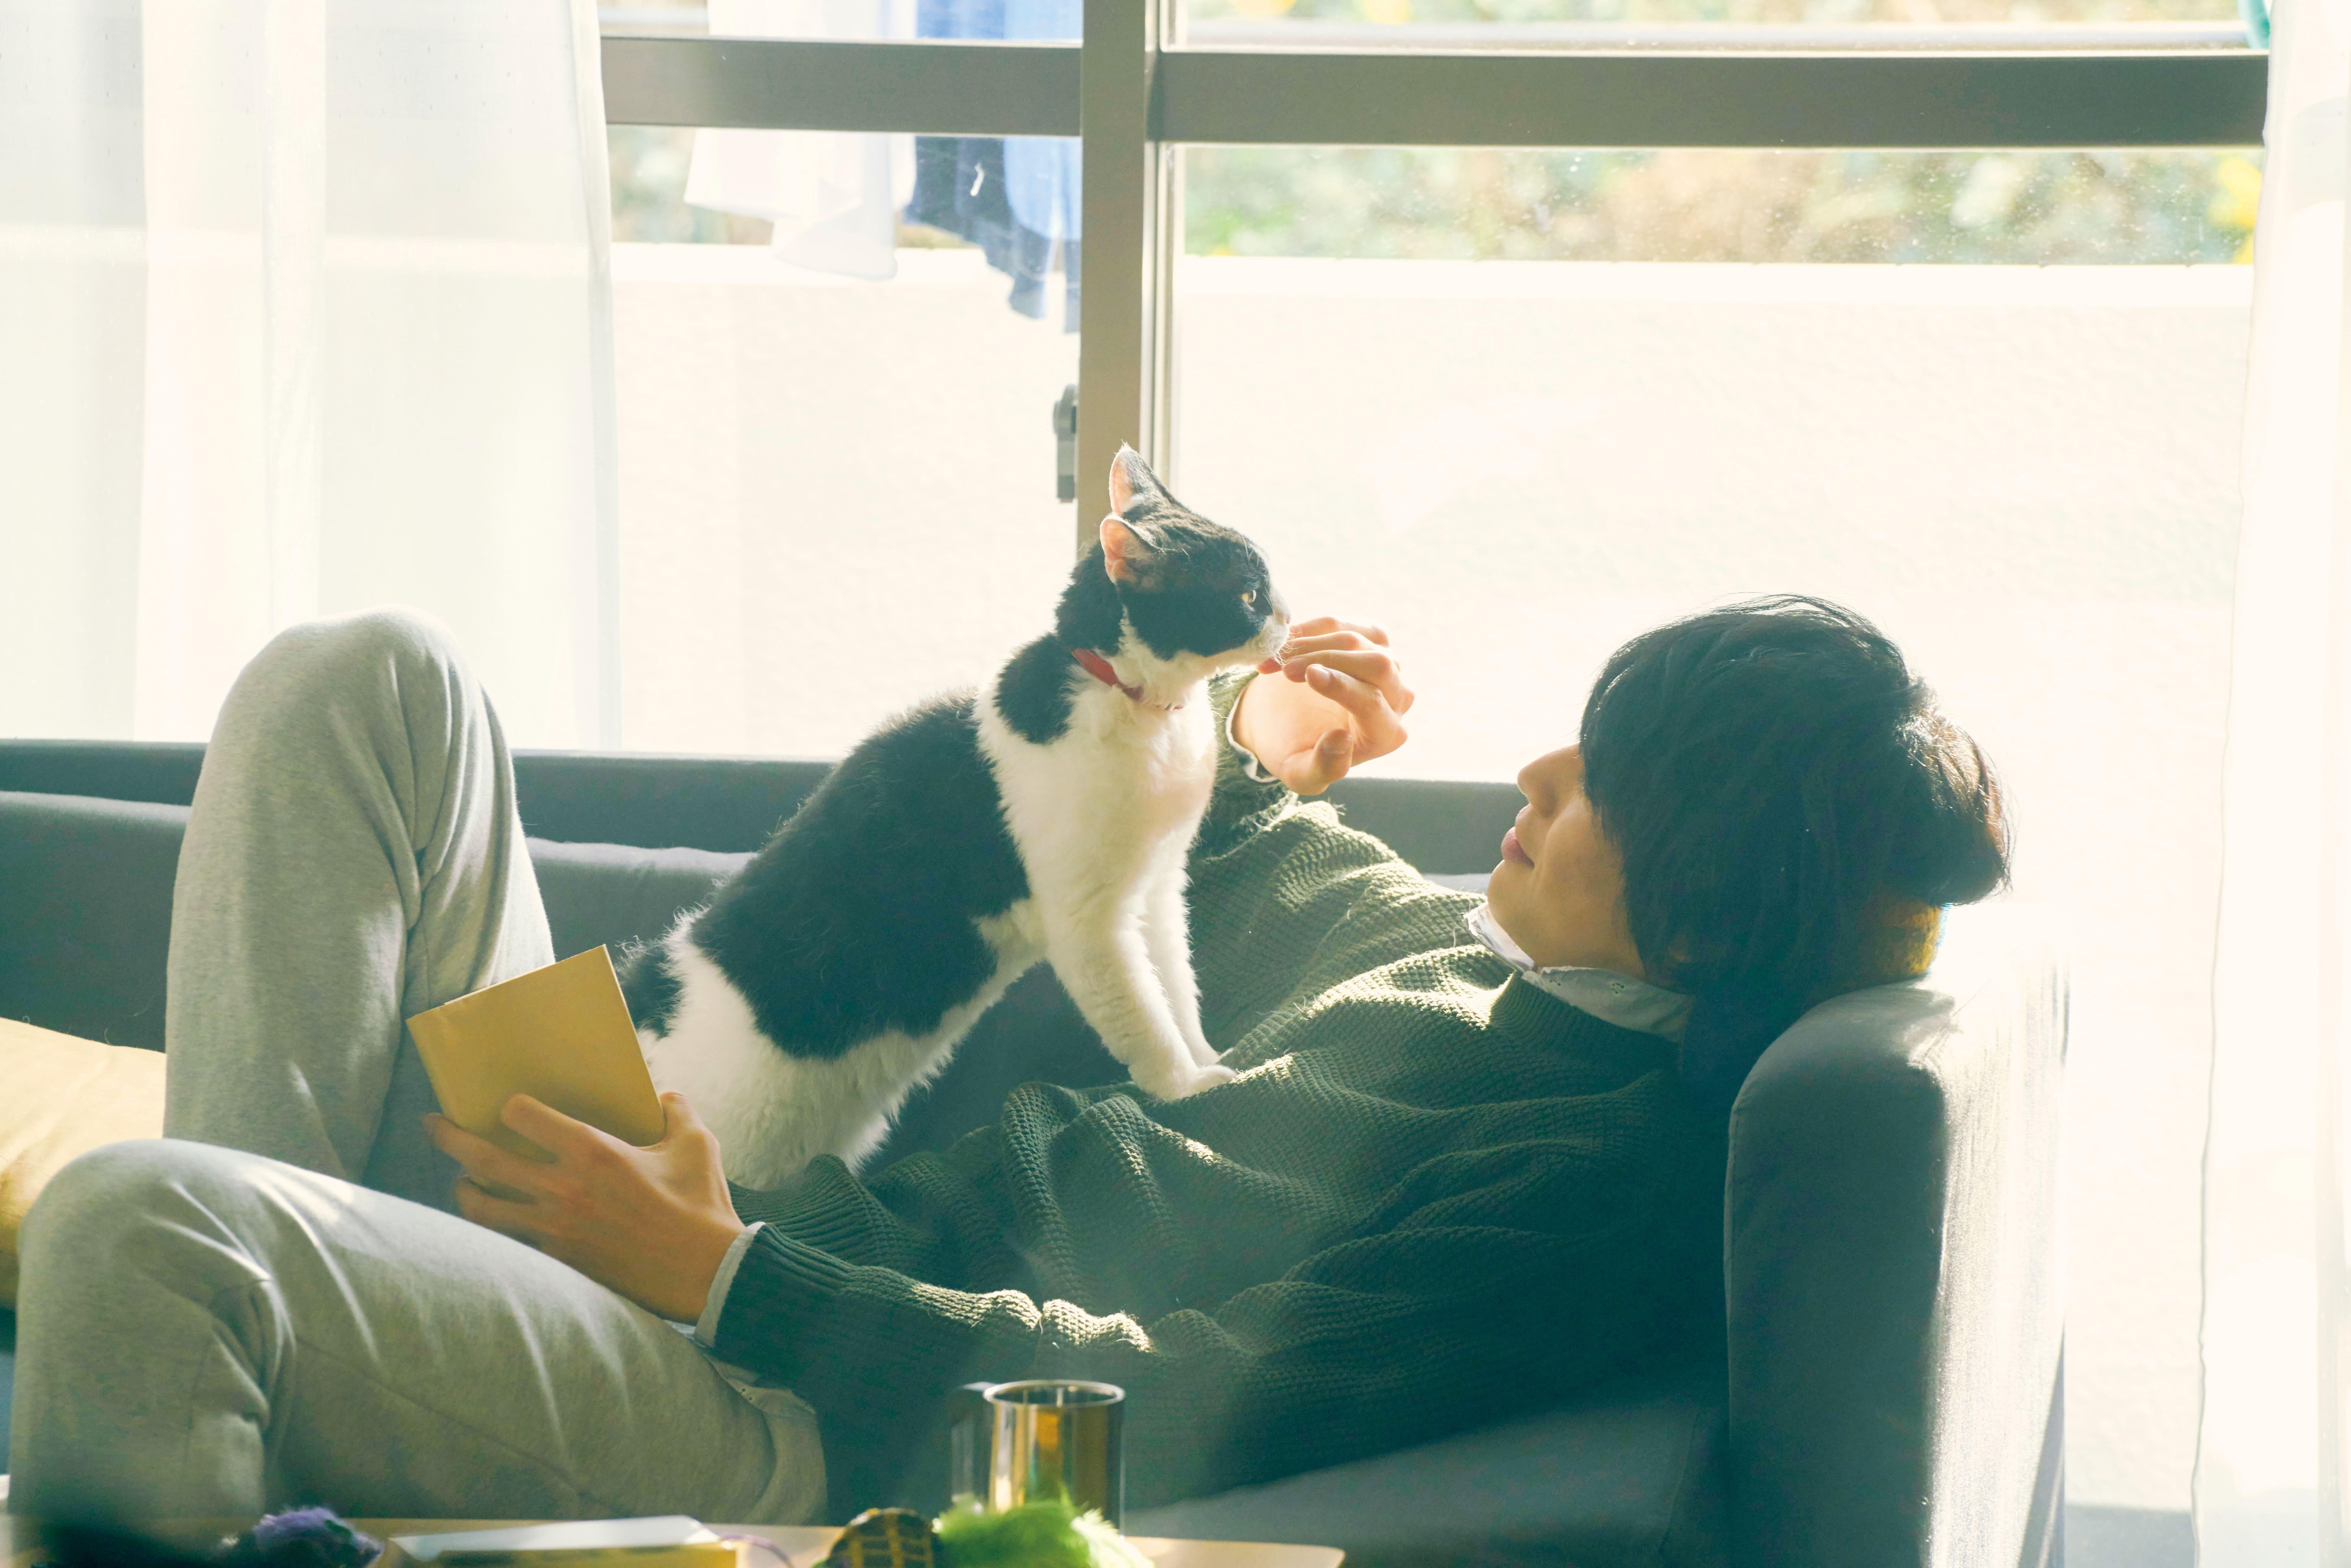 福士蒼汰 化身暖男貓奴 被貓撩到直呼「太可愛」  療癒新作《旅貓日記》1月4日感人獻映